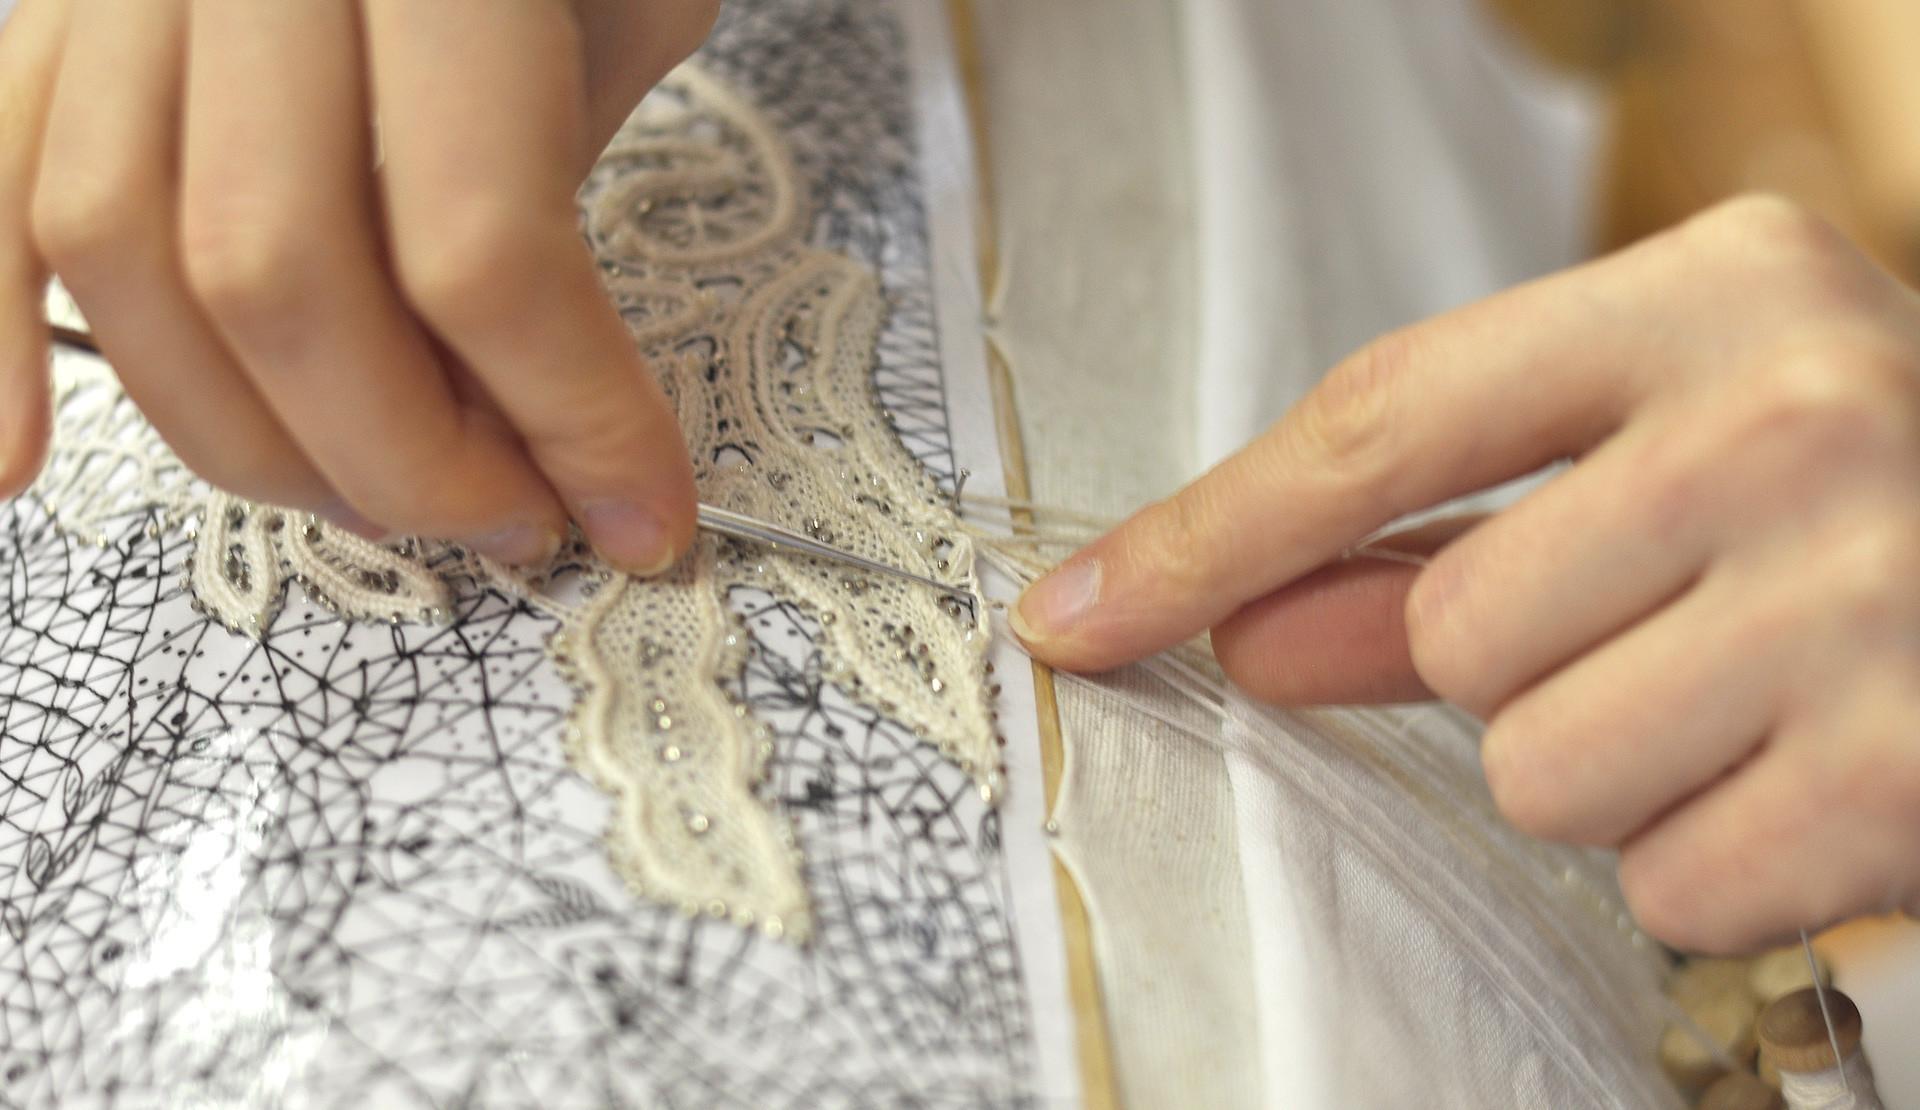 Marina sedang memembuat pola renda yang dihias dengan manik-manik.